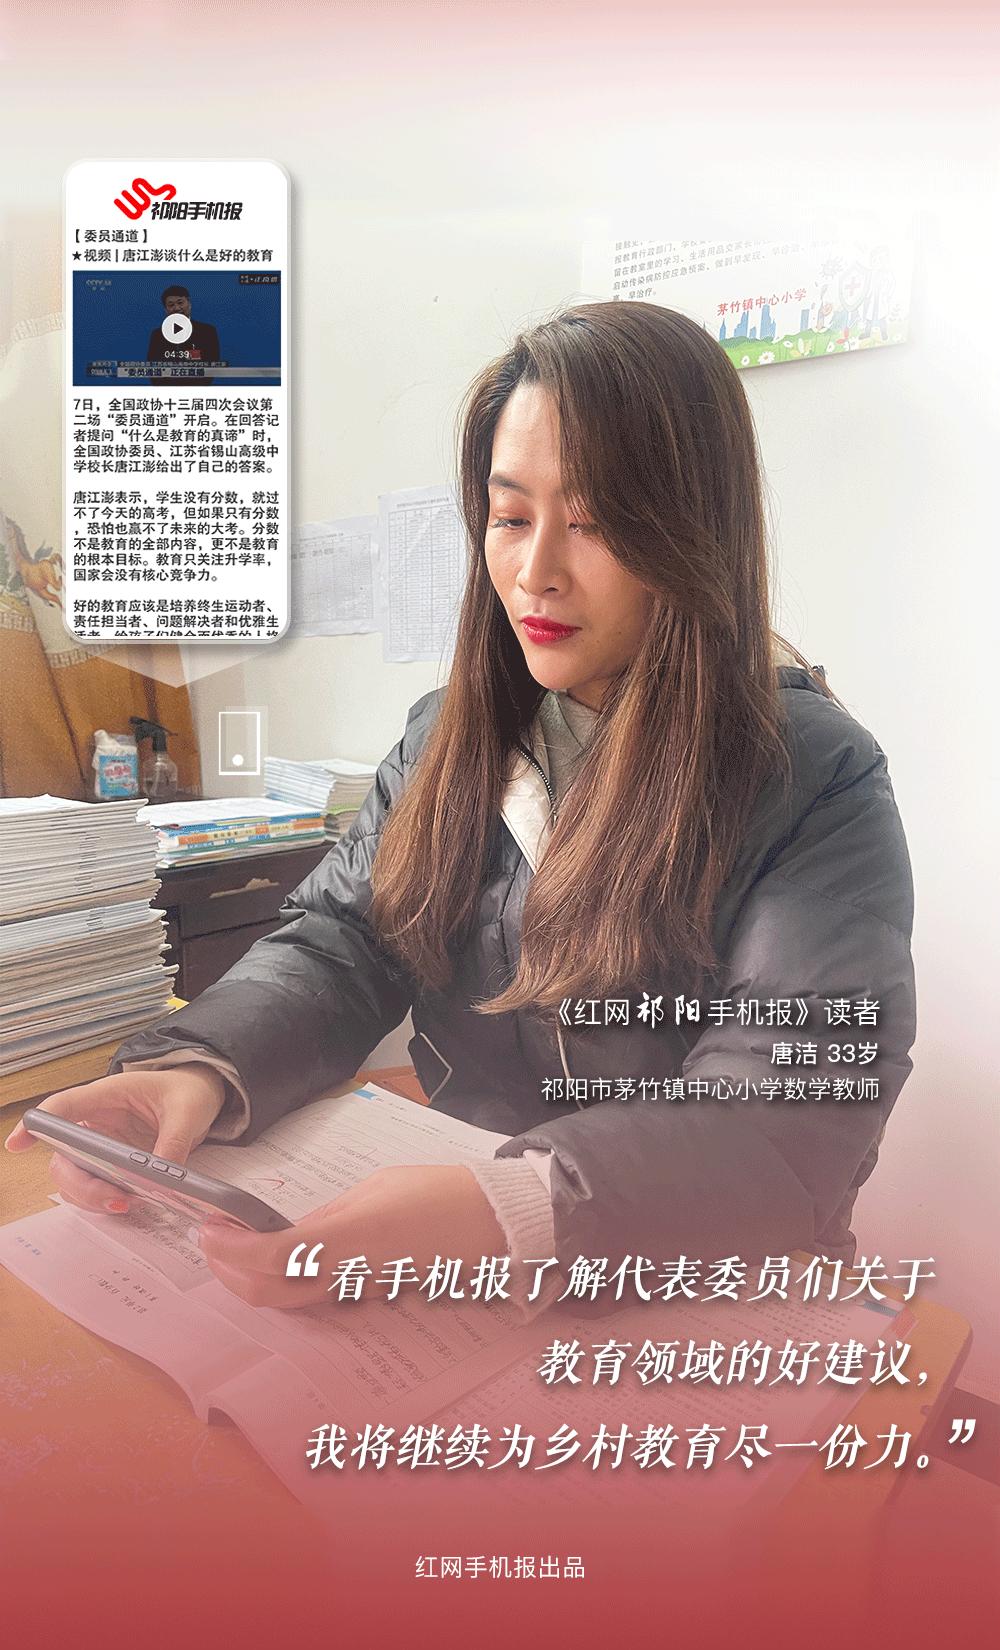 手机报读者海报祁阳.png